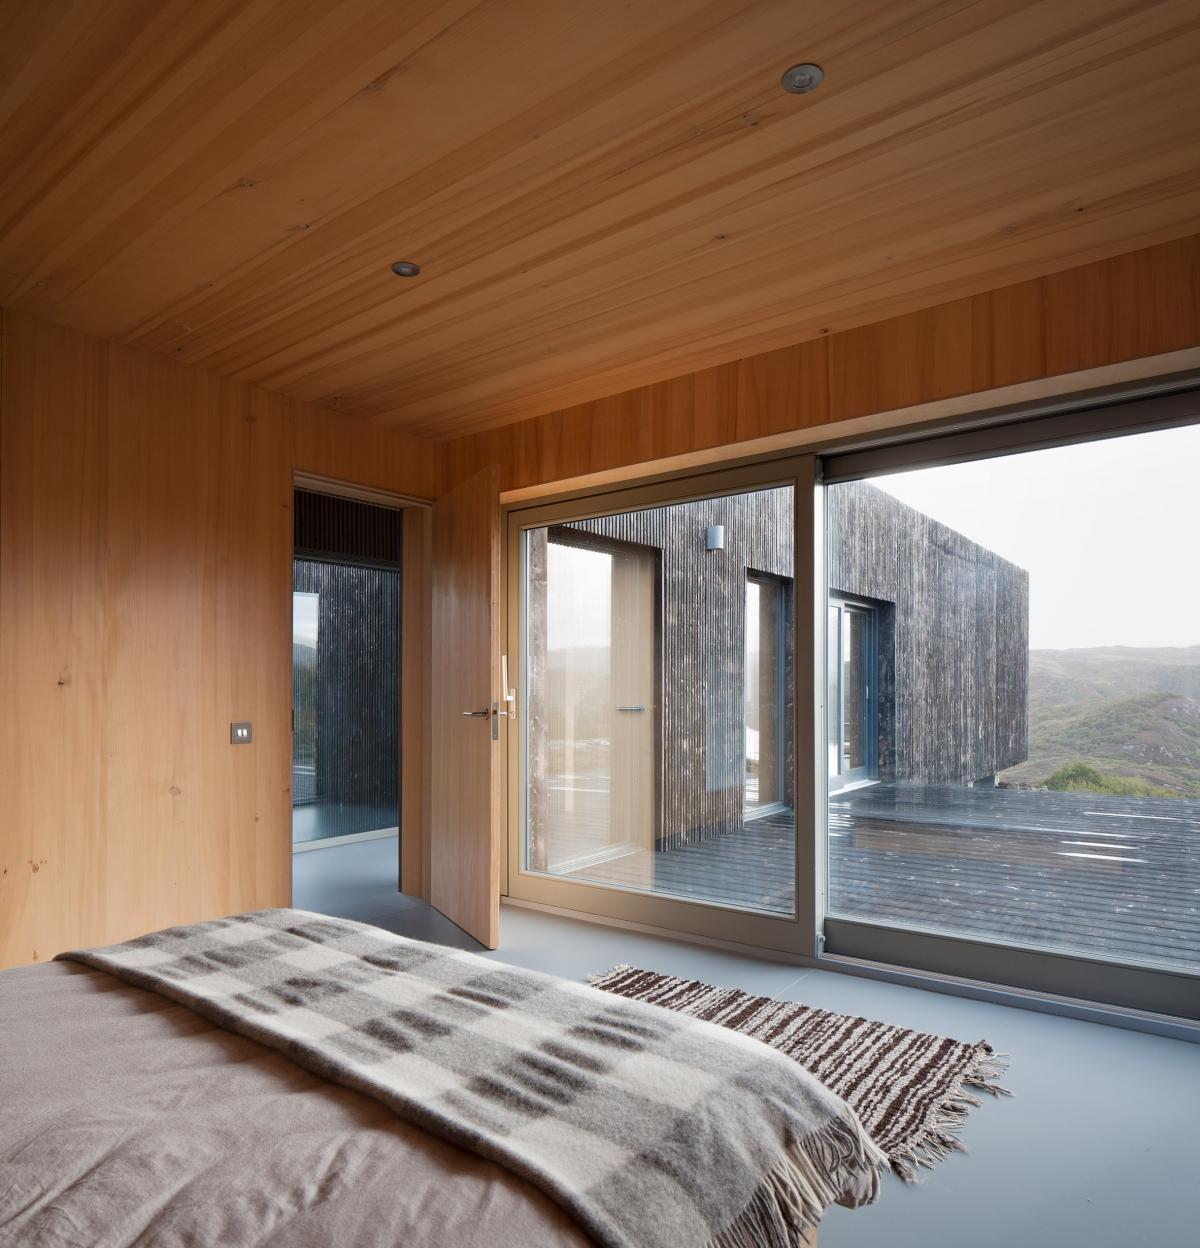 Cửa kính trượt nhìn ra khoảng không rộng lớn bên ngoài và vẫn có tác dụng giữ ấm vào mùa đông lạnh giá.